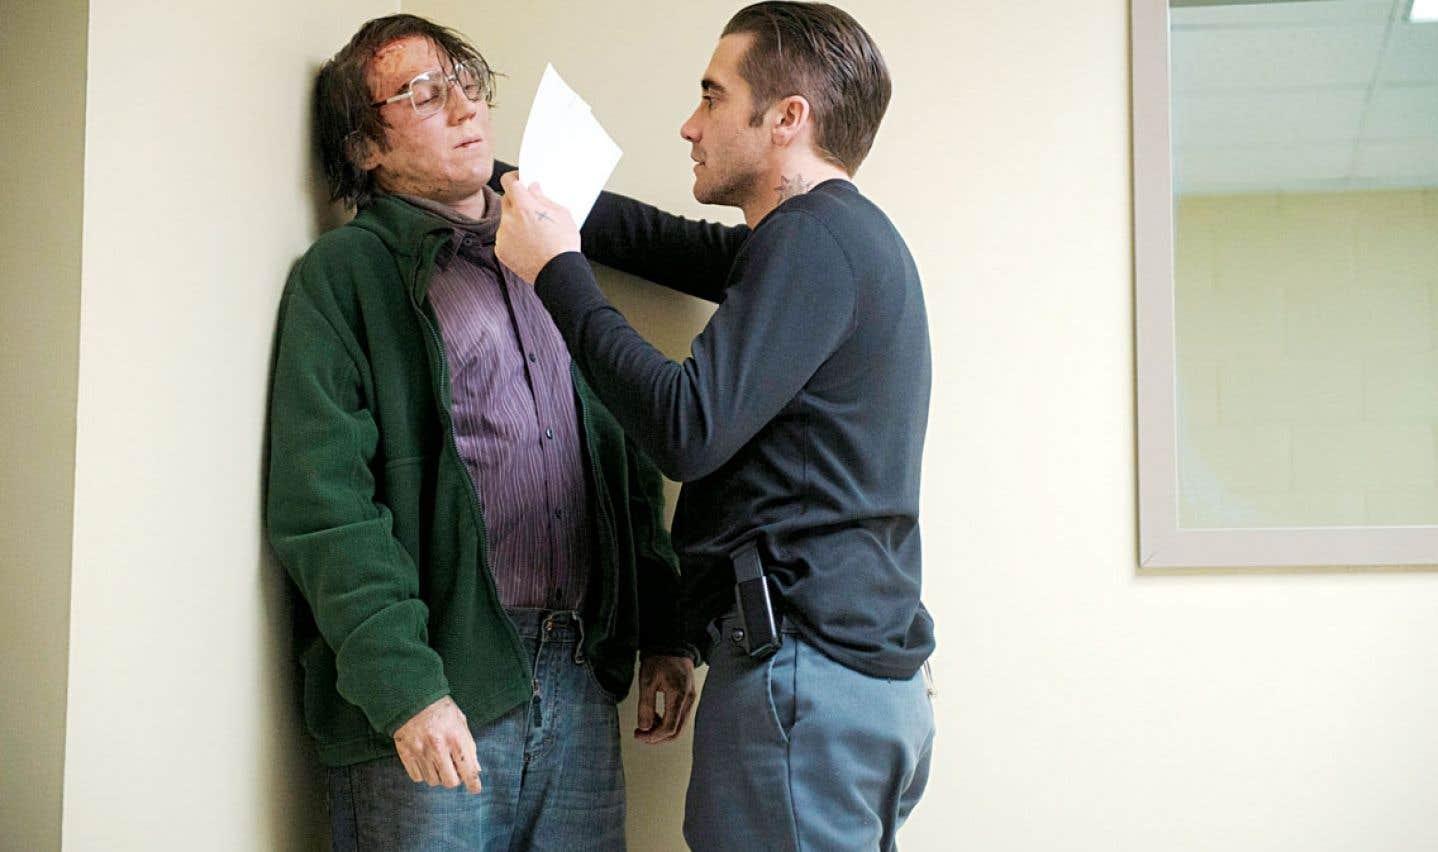 Jake Gyllenhaal incarne Loki, mystérieux justicier apparemment au service d'une justice divine davantage qu'humaine dans cette ville où rien ne va plus. La direction d'acteurs de Denis Villeneuve atteint ici des sommets.